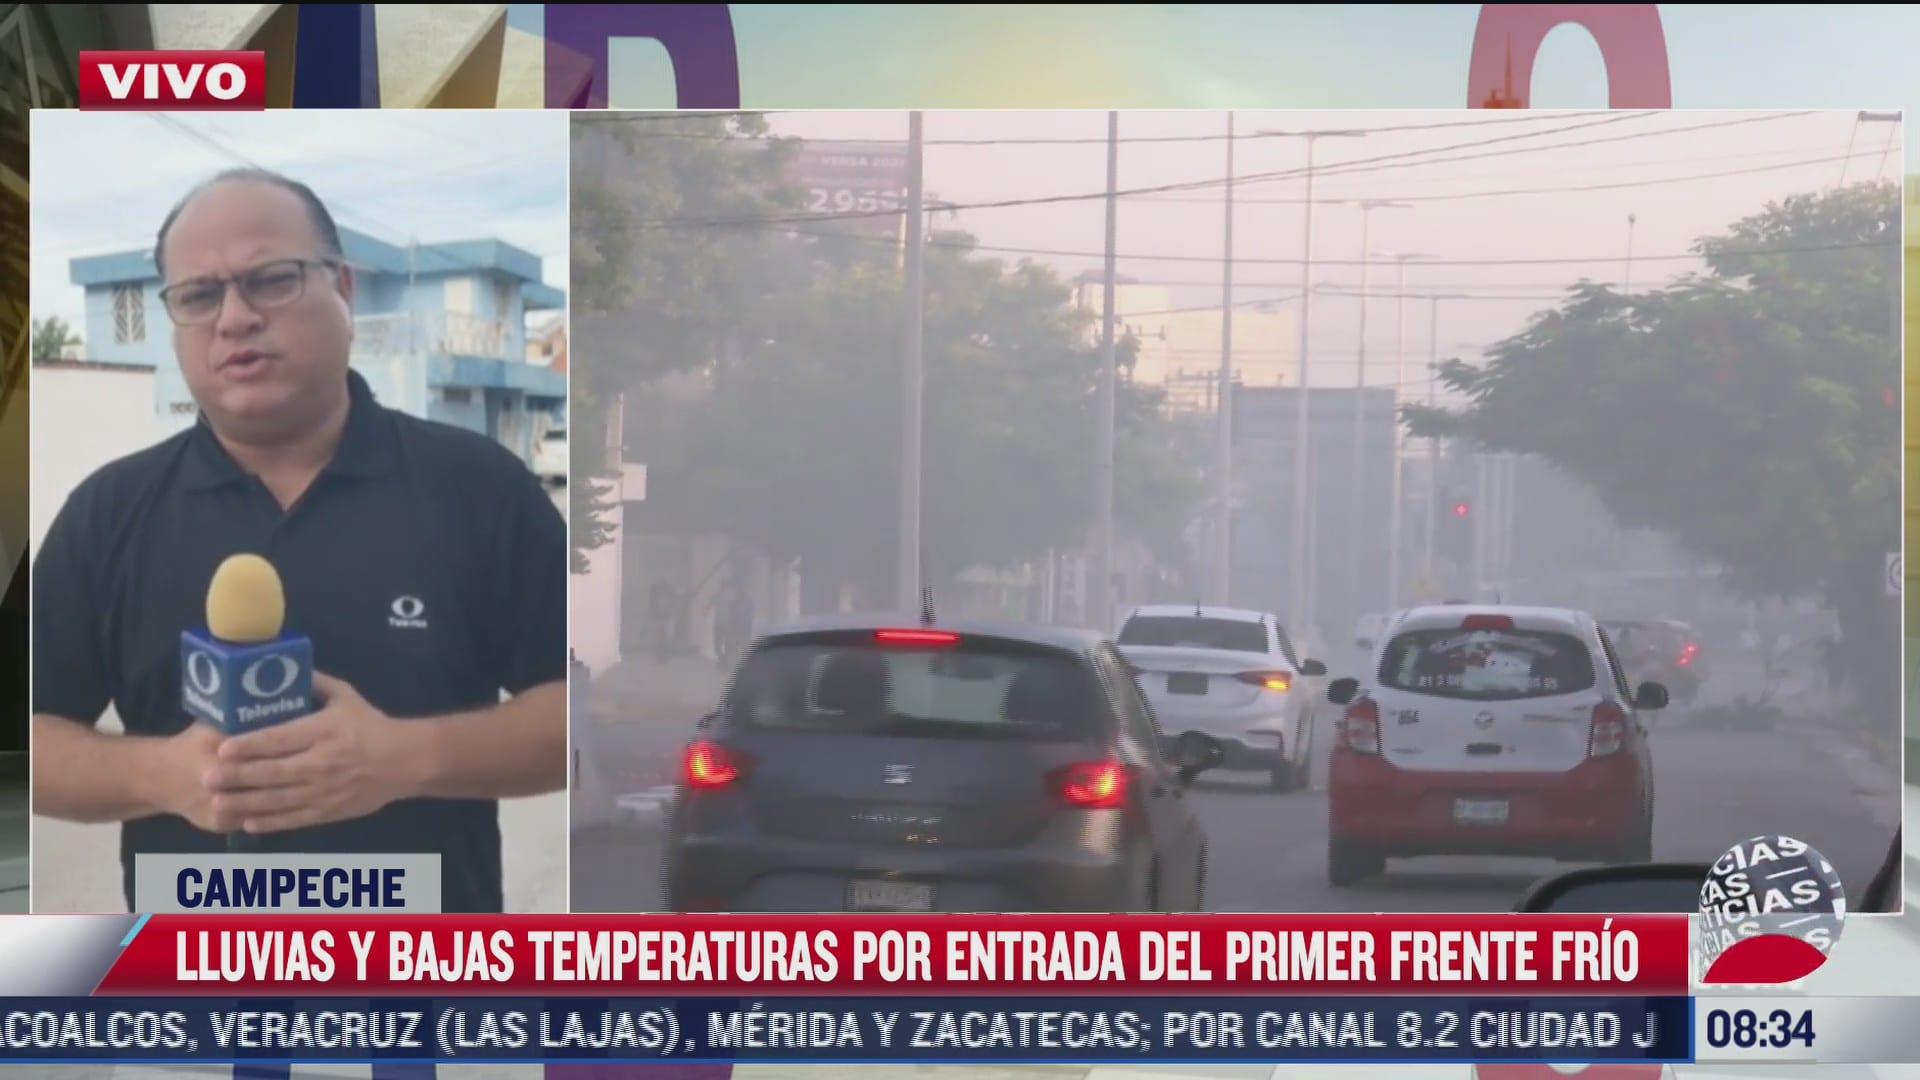 frente frio provoca lluvias fuertes y bajas temperaturas en campeche